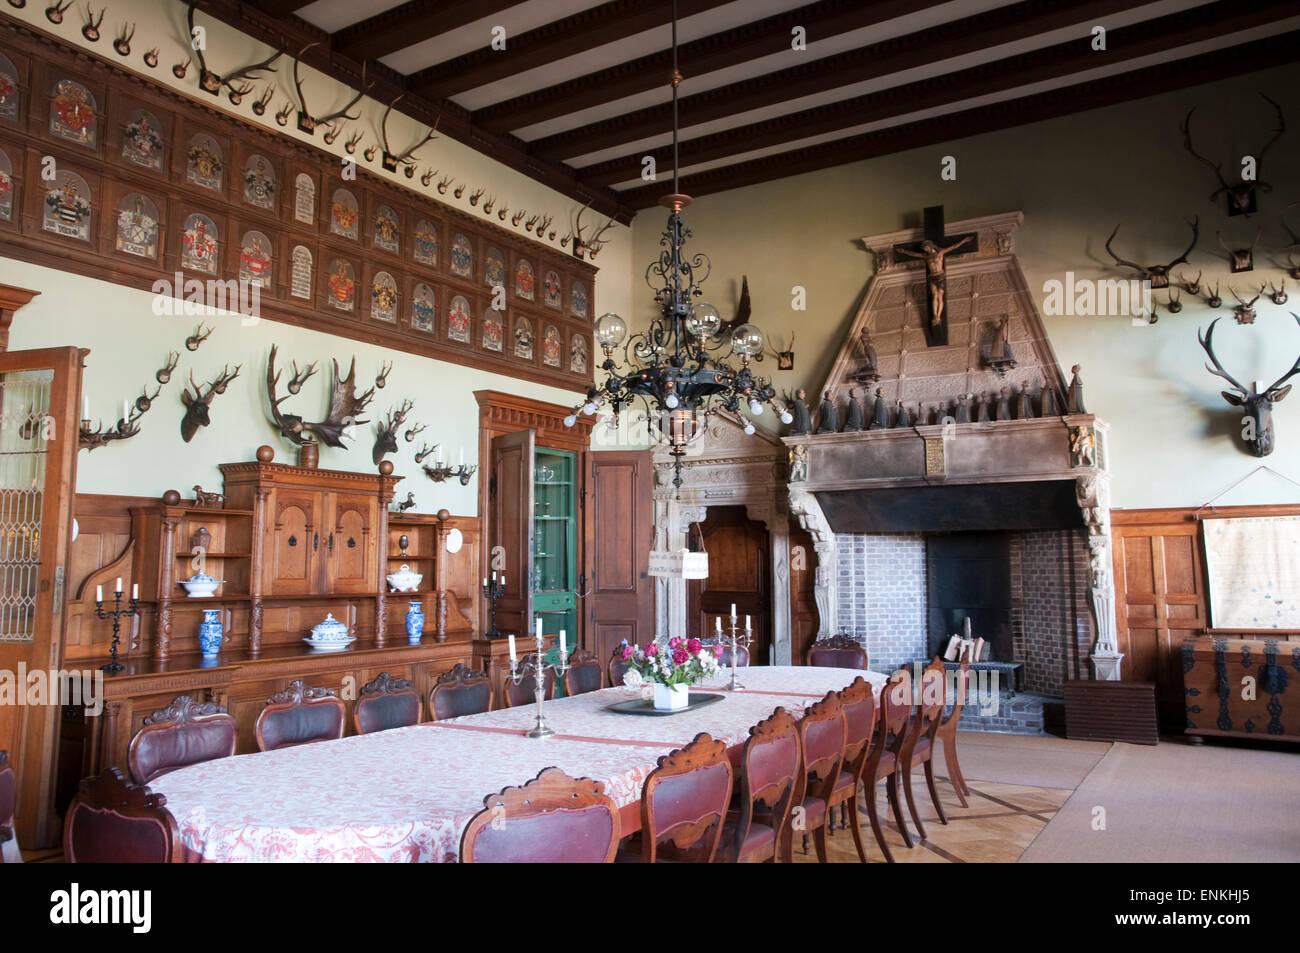 Schloss Haemelschenburg, Weserbergland, Lower Saxony, Germany Stock Photo